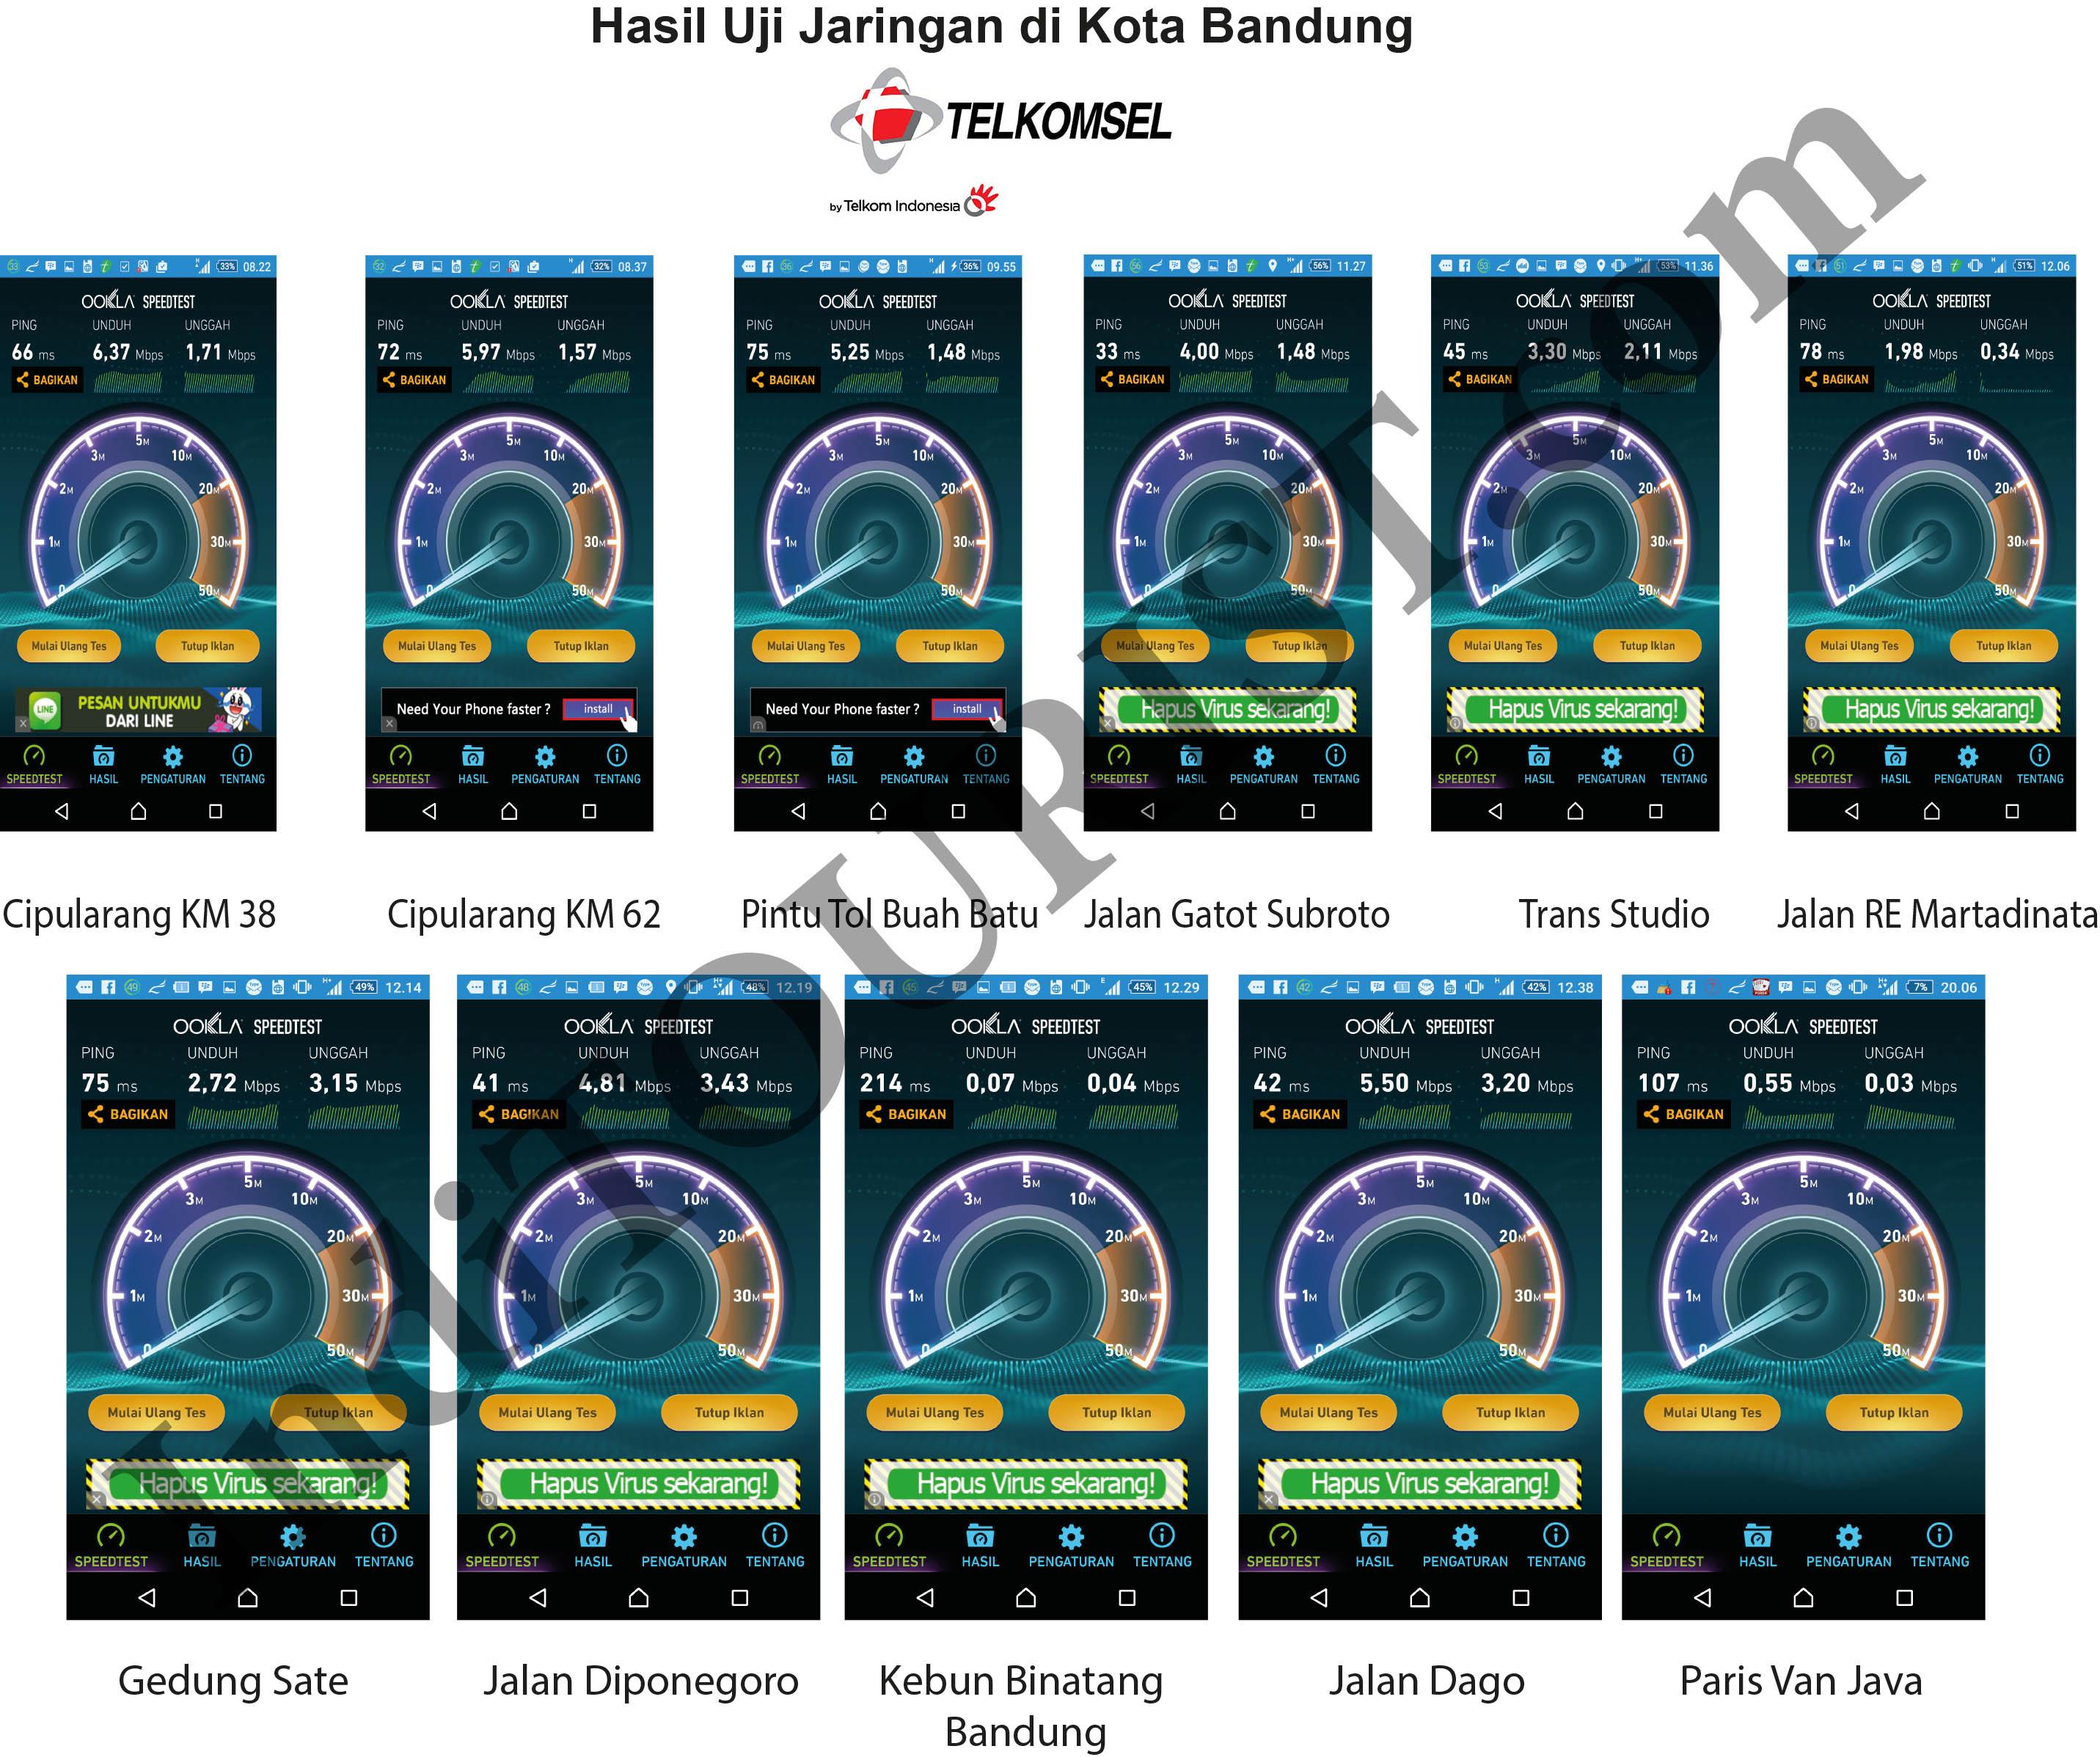 Ini Kekuatan Jaringan Telkomsel di 11 Titik Kota Bandung